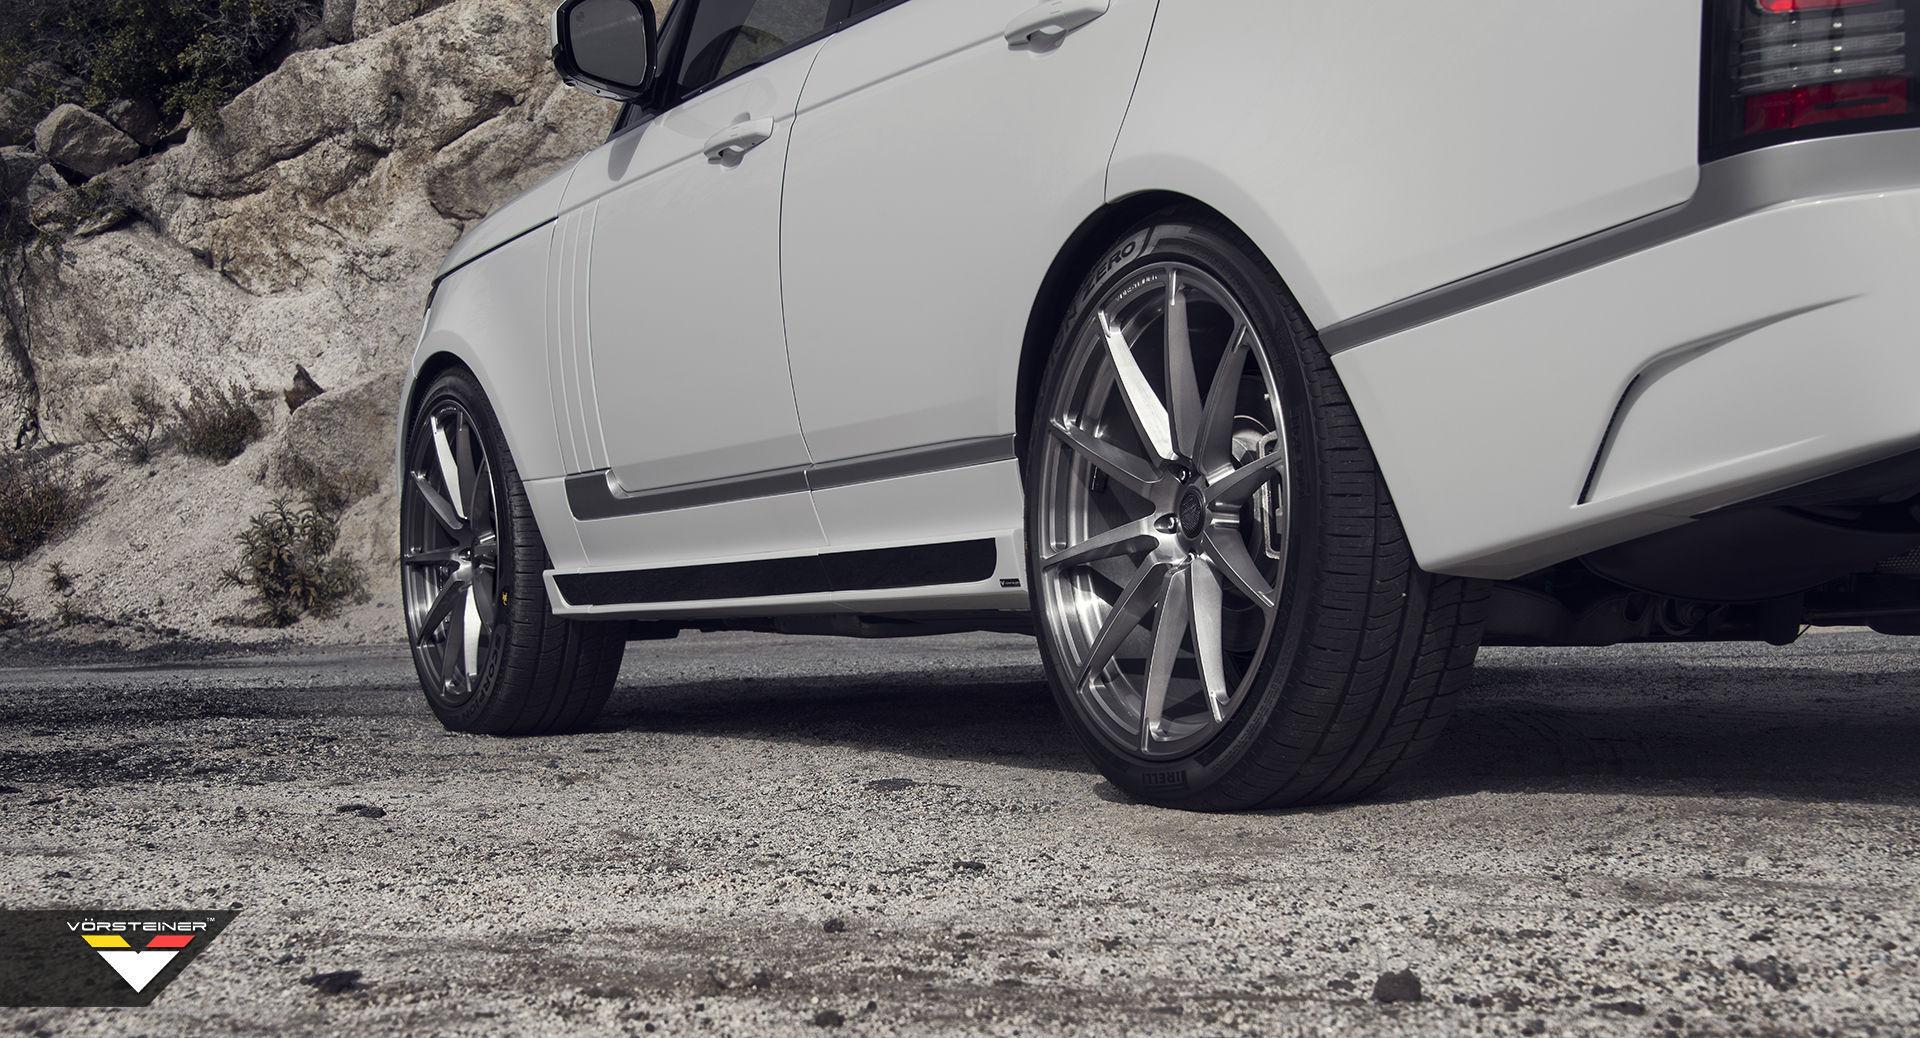 2013 Land Rover Range Rover | RANGE ROVER VERITAS